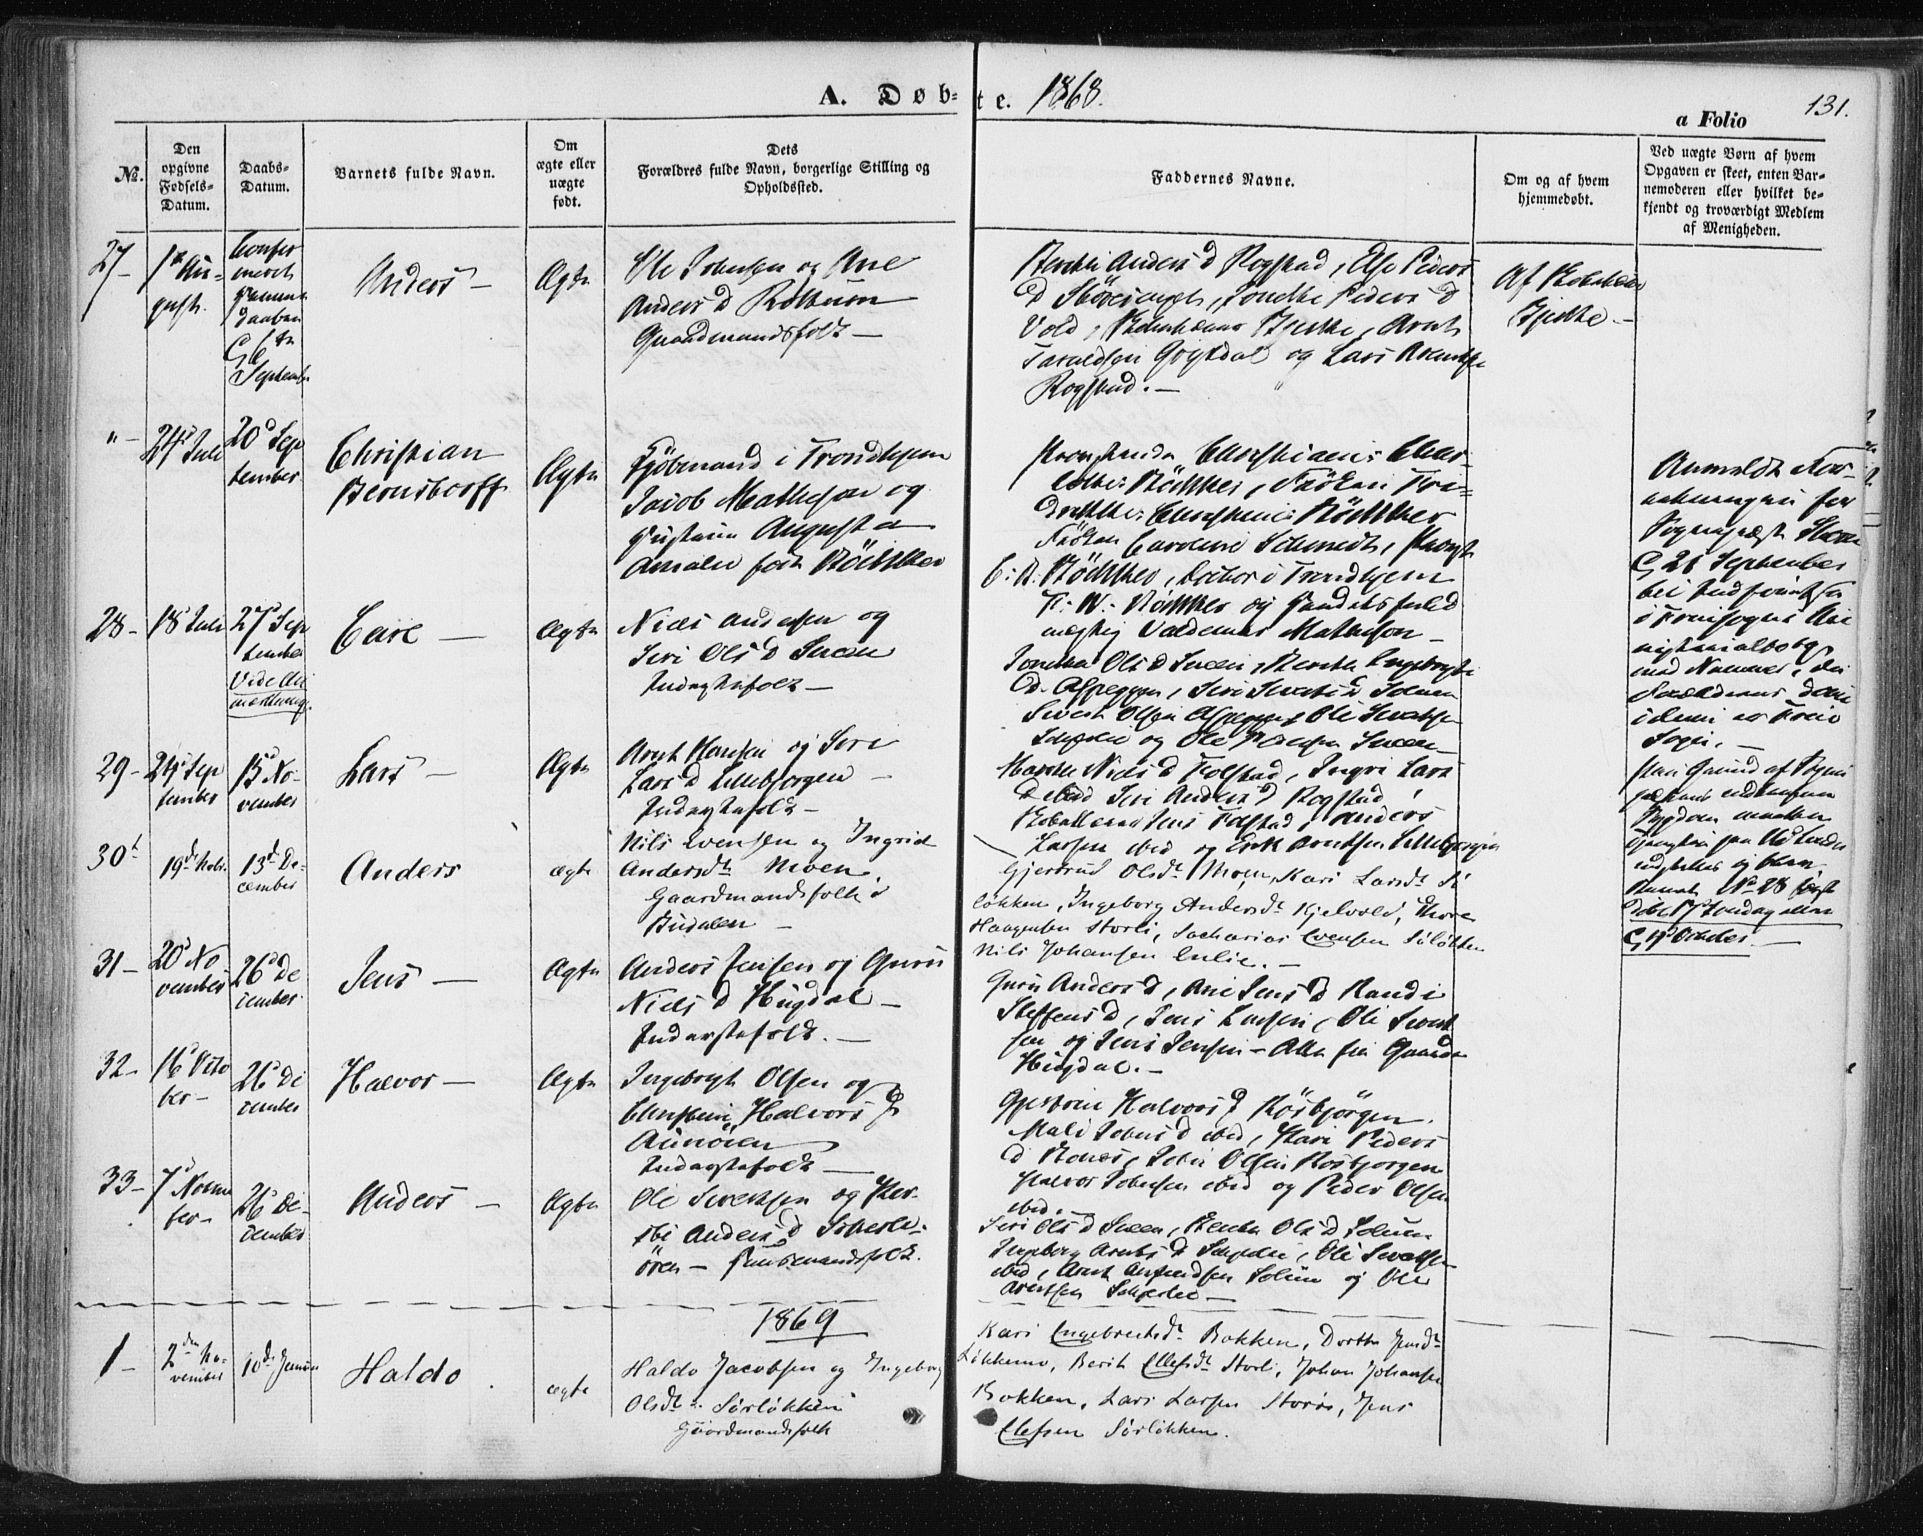 SAT, Ministerialprotokoller, klokkerbøker og fødselsregistre - Sør-Trøndelag, 687/L1000: Ministerialbok nr. 687A06, 1848-1869, s. 131